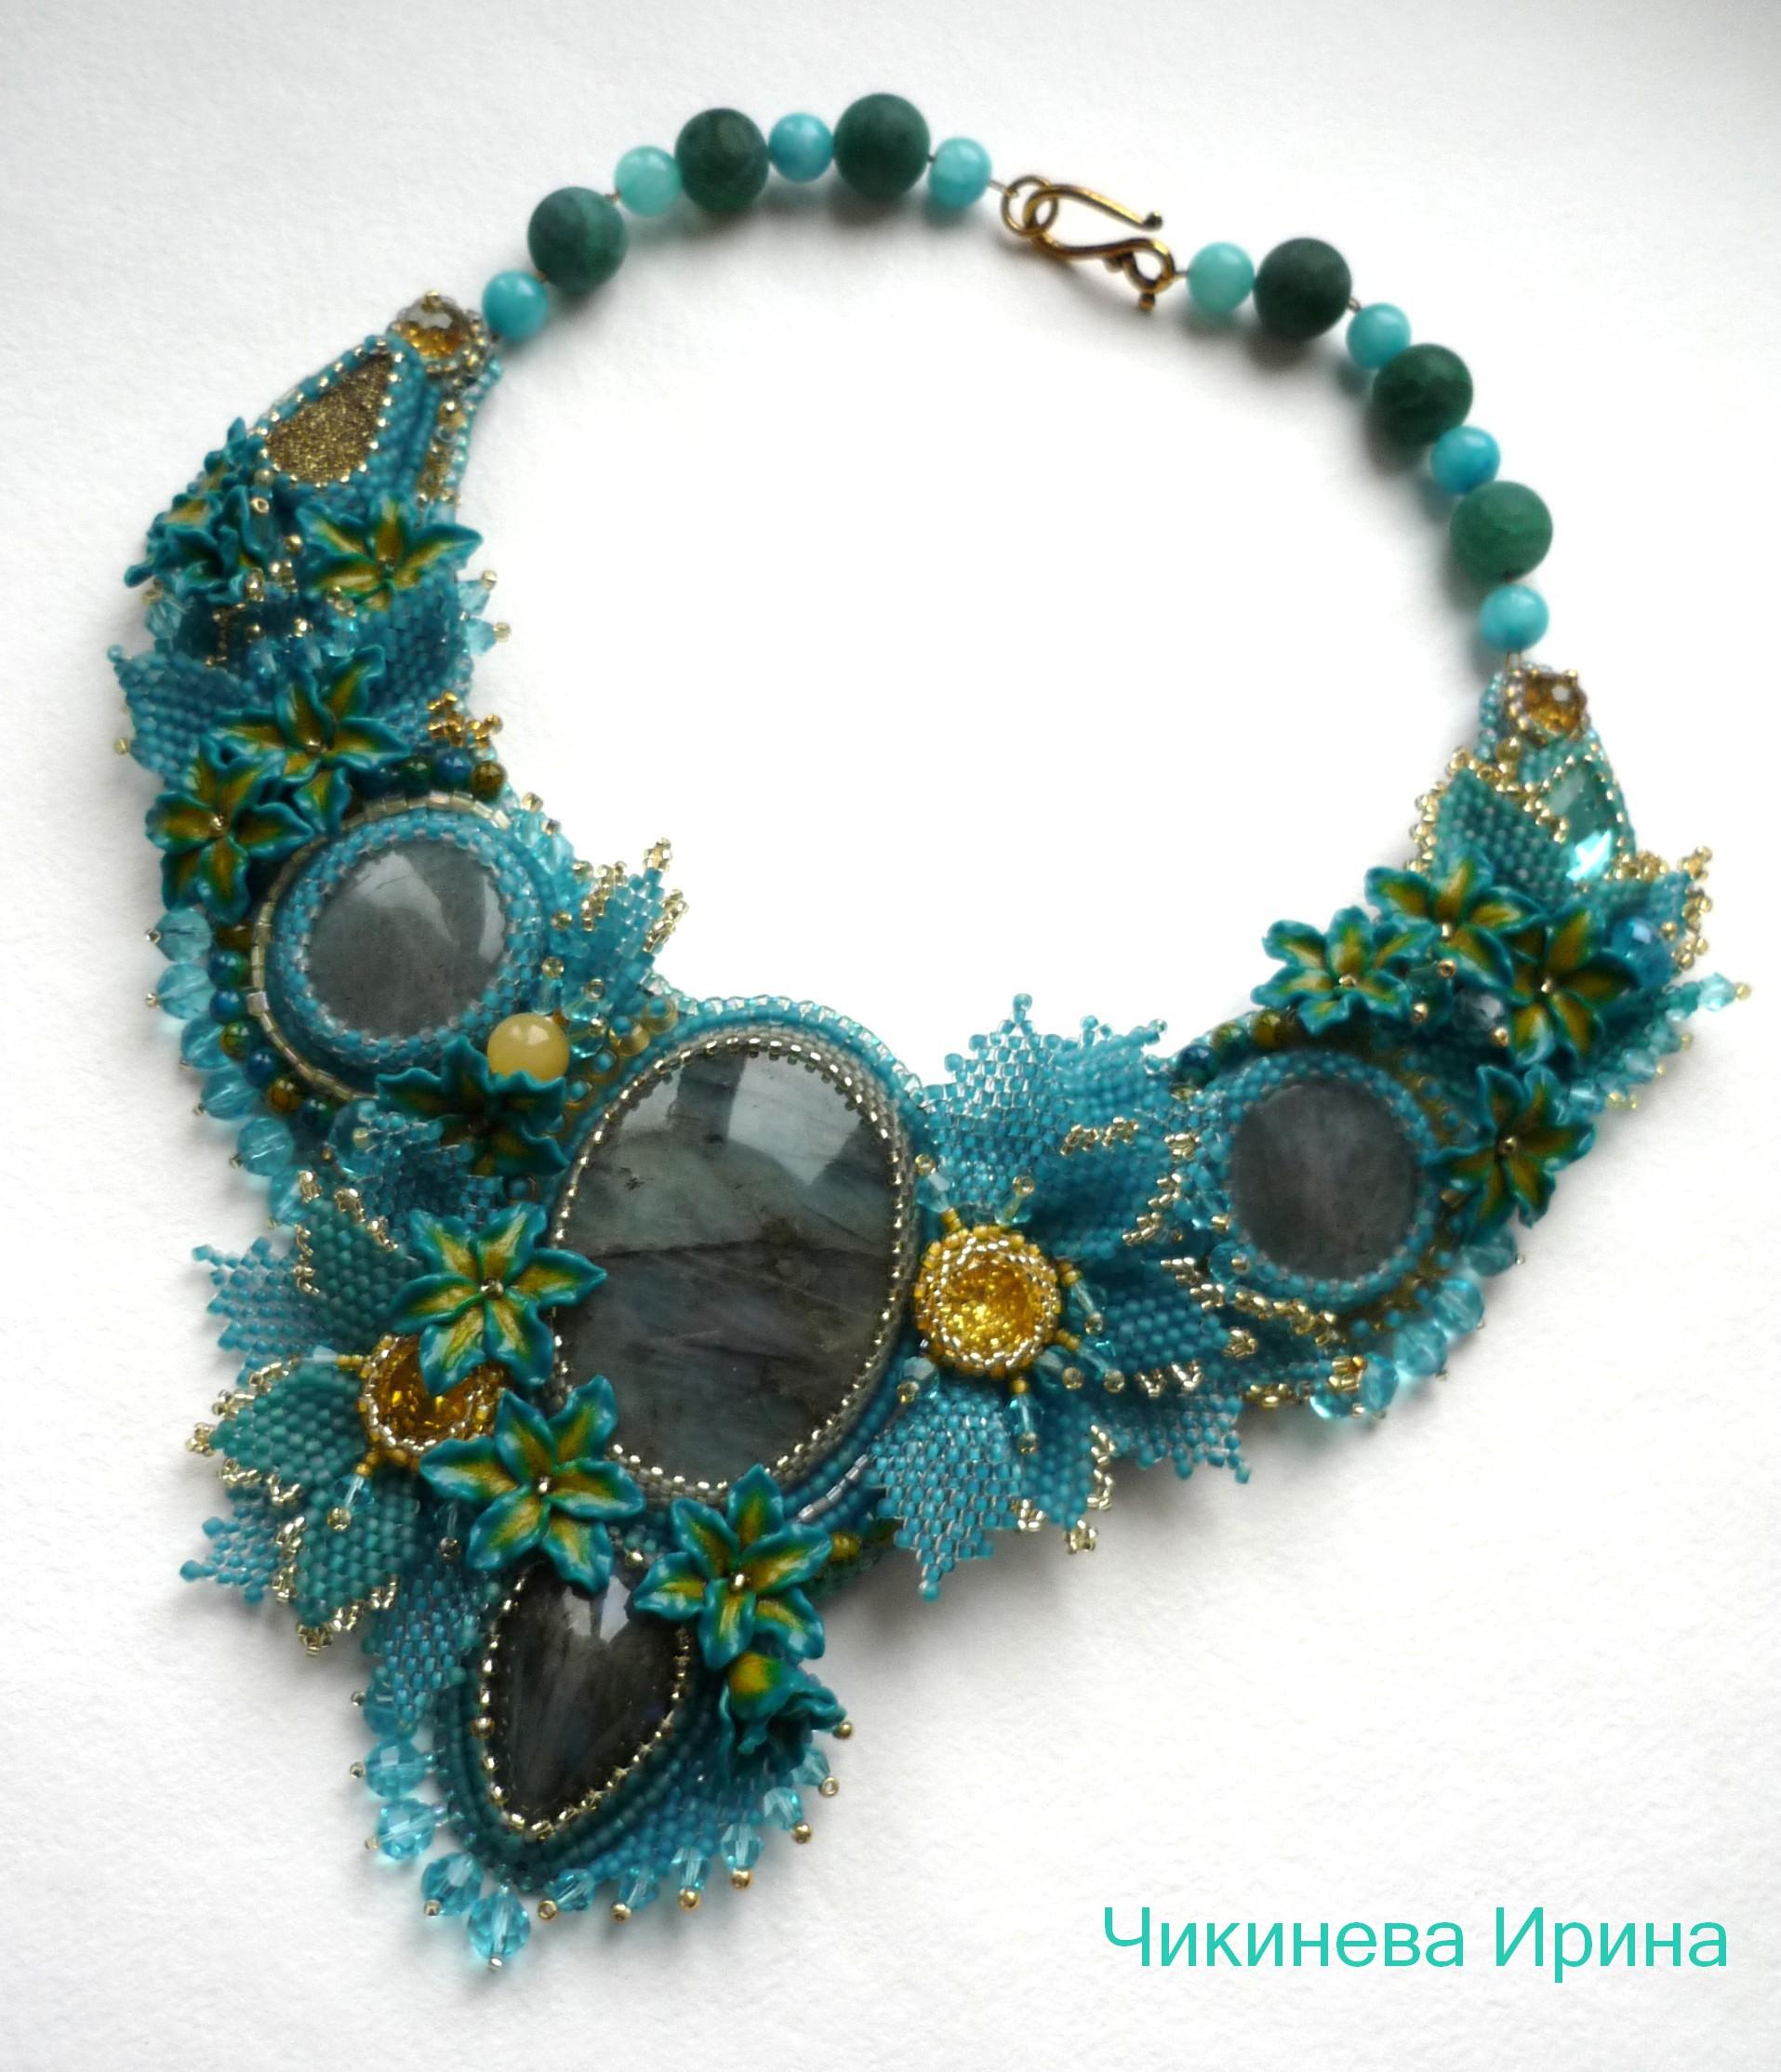 Amazing Embroidered Jewelry By Irina Chikineva  Beads Magic